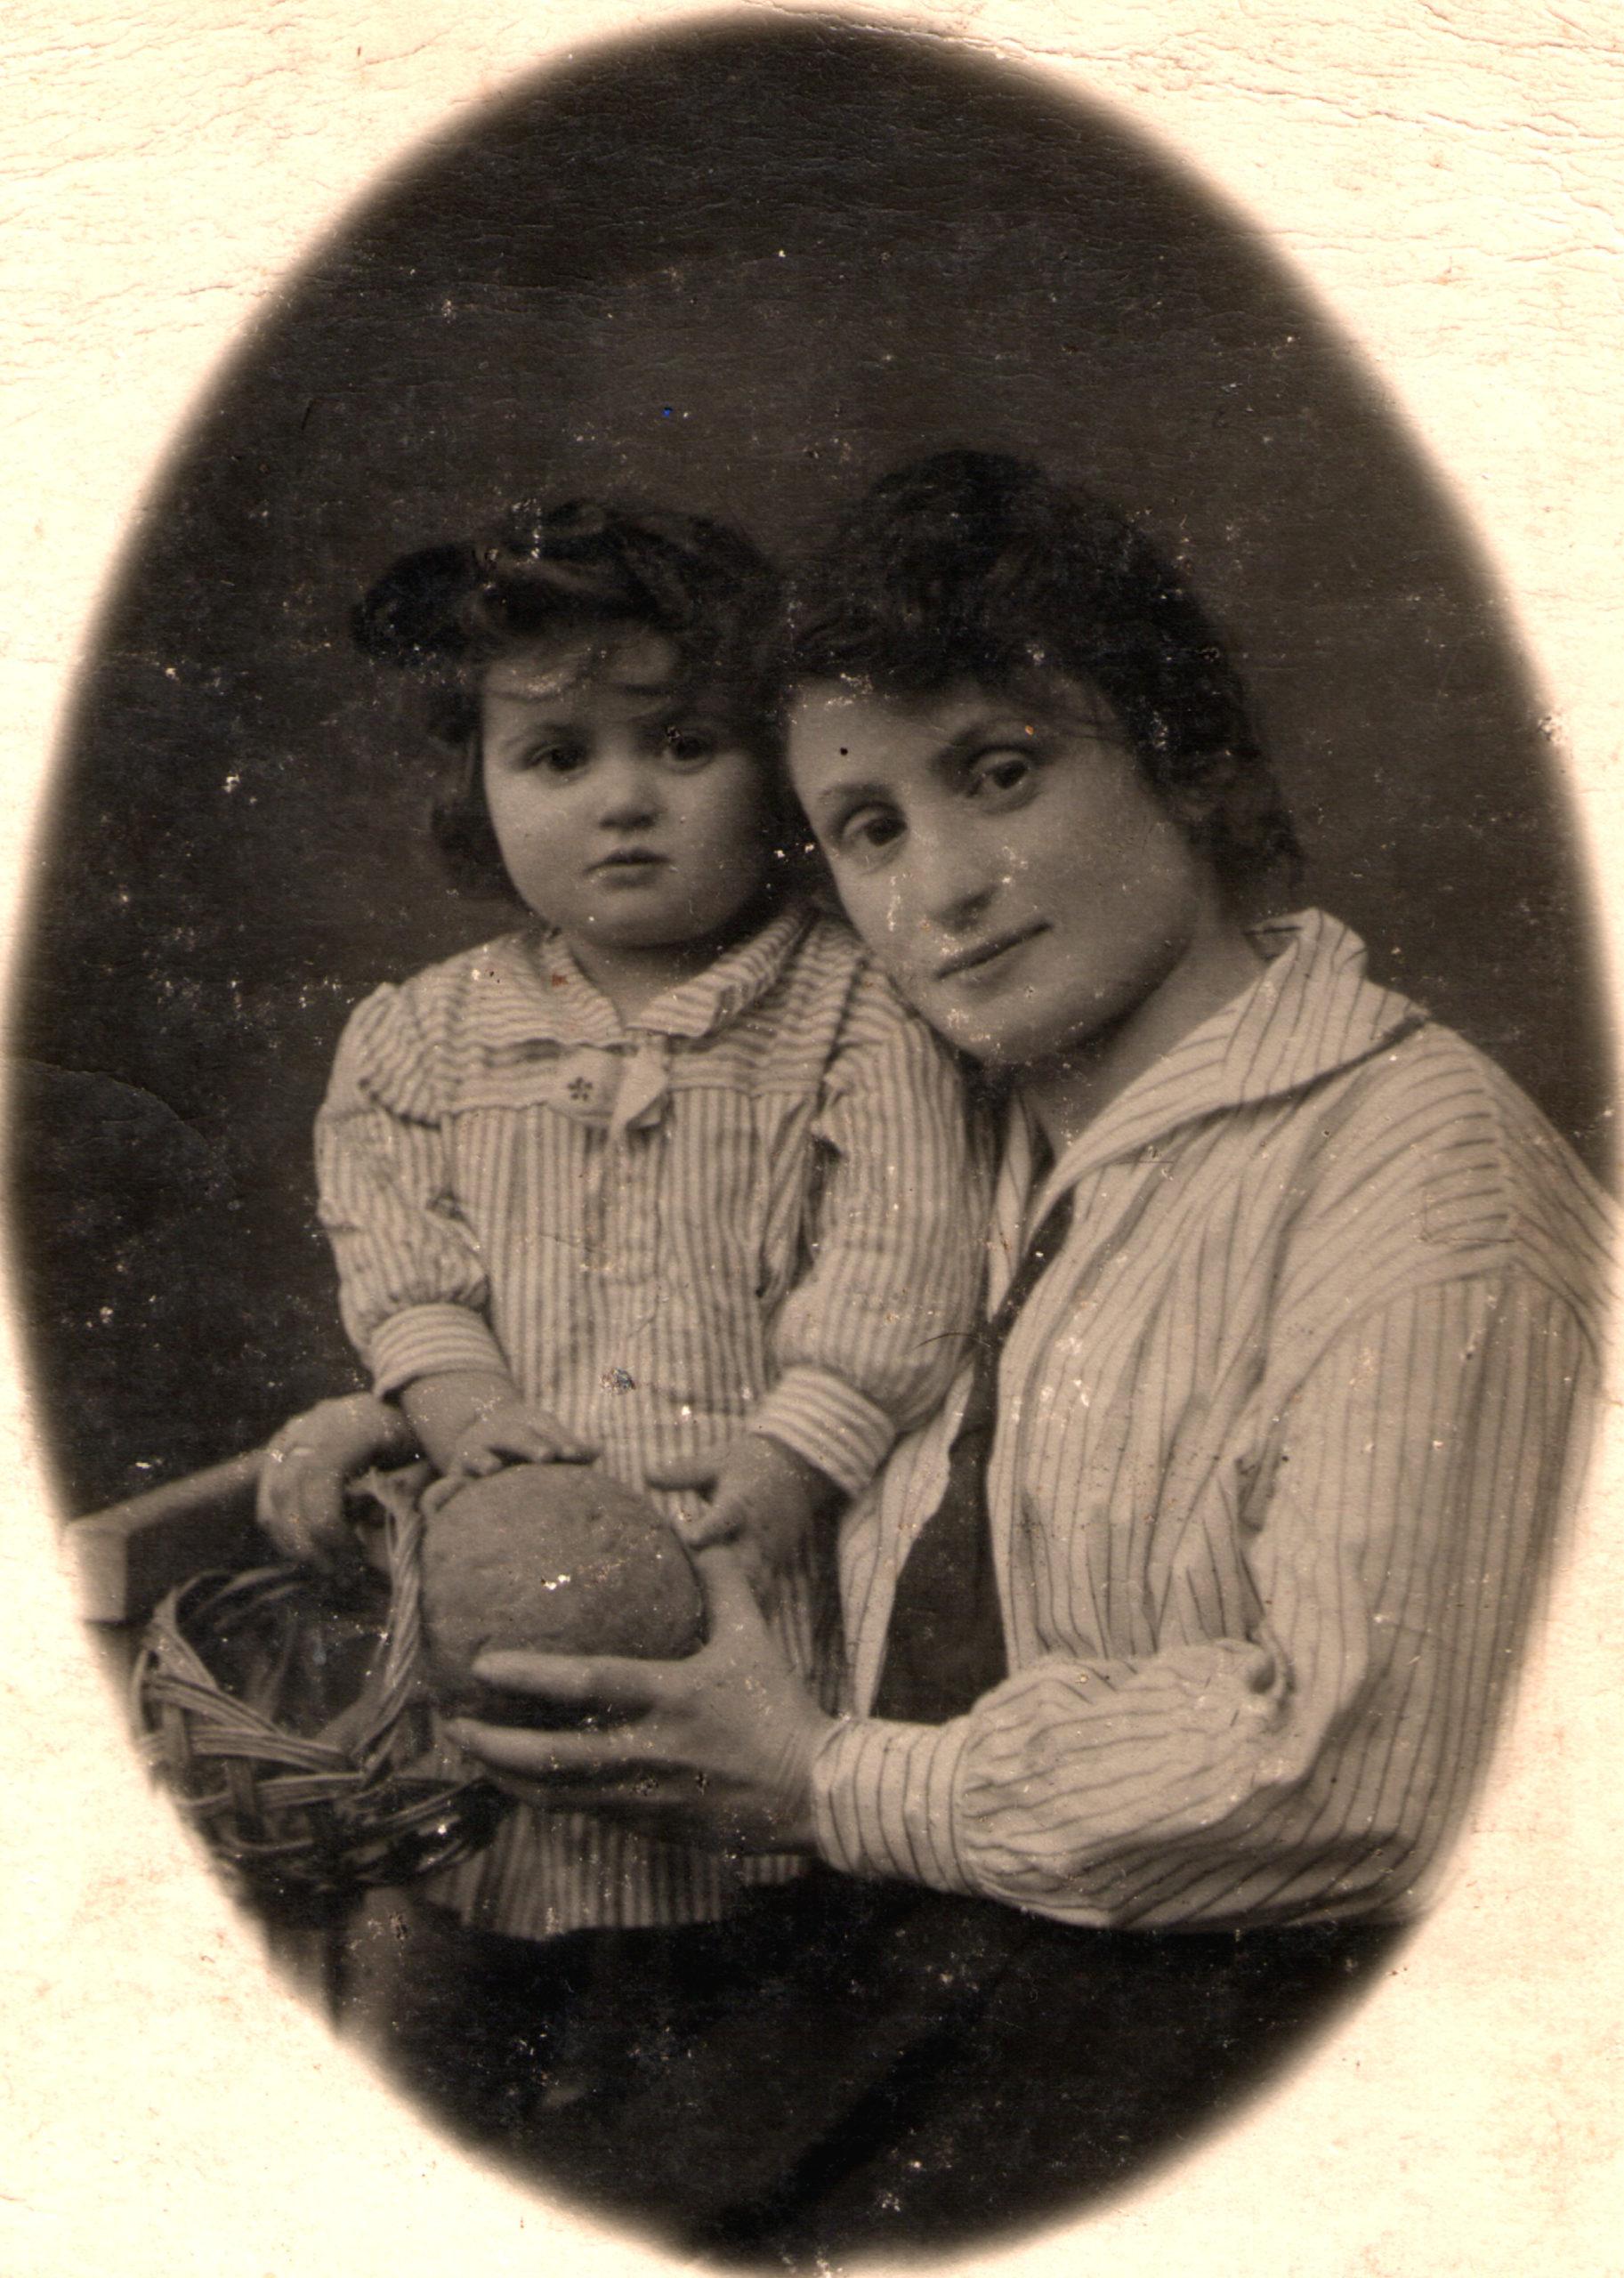 Tsilia Zelbert and her daughter Berta Zelbert